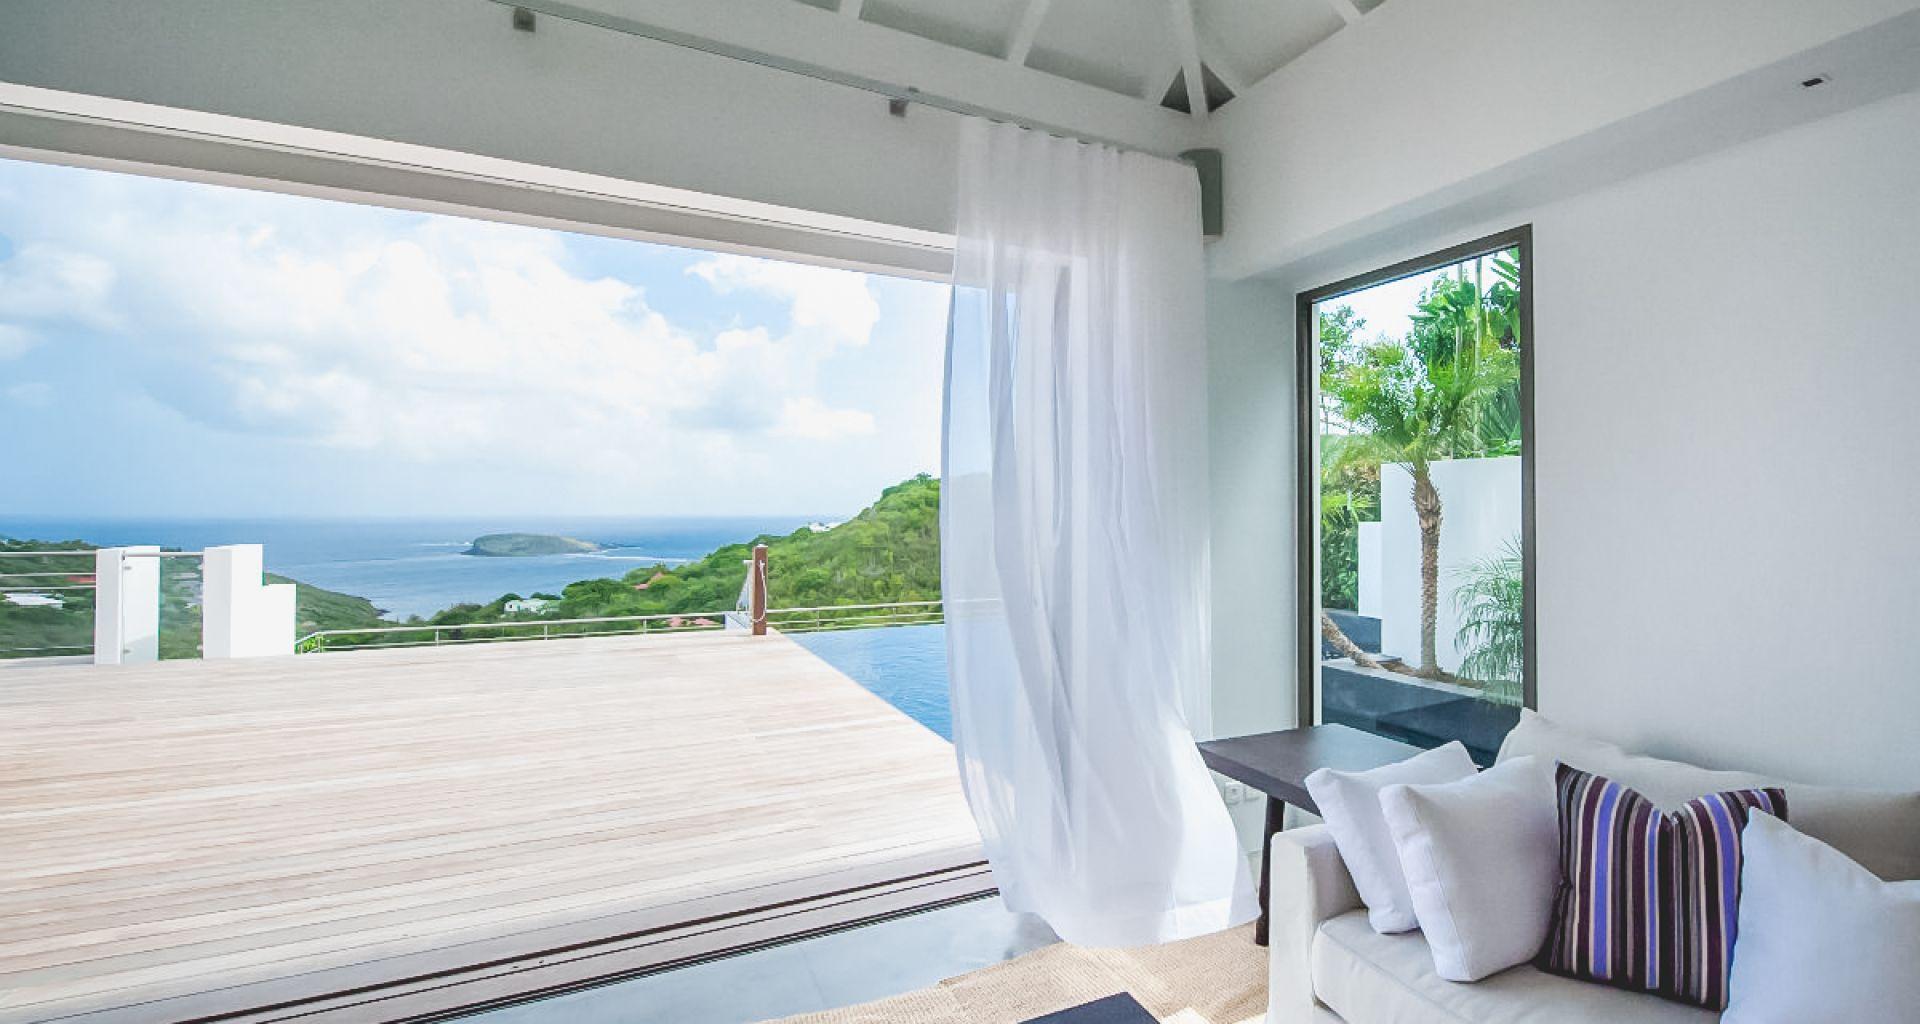 Villa Sol y Mar, St-Barts, Caribbean